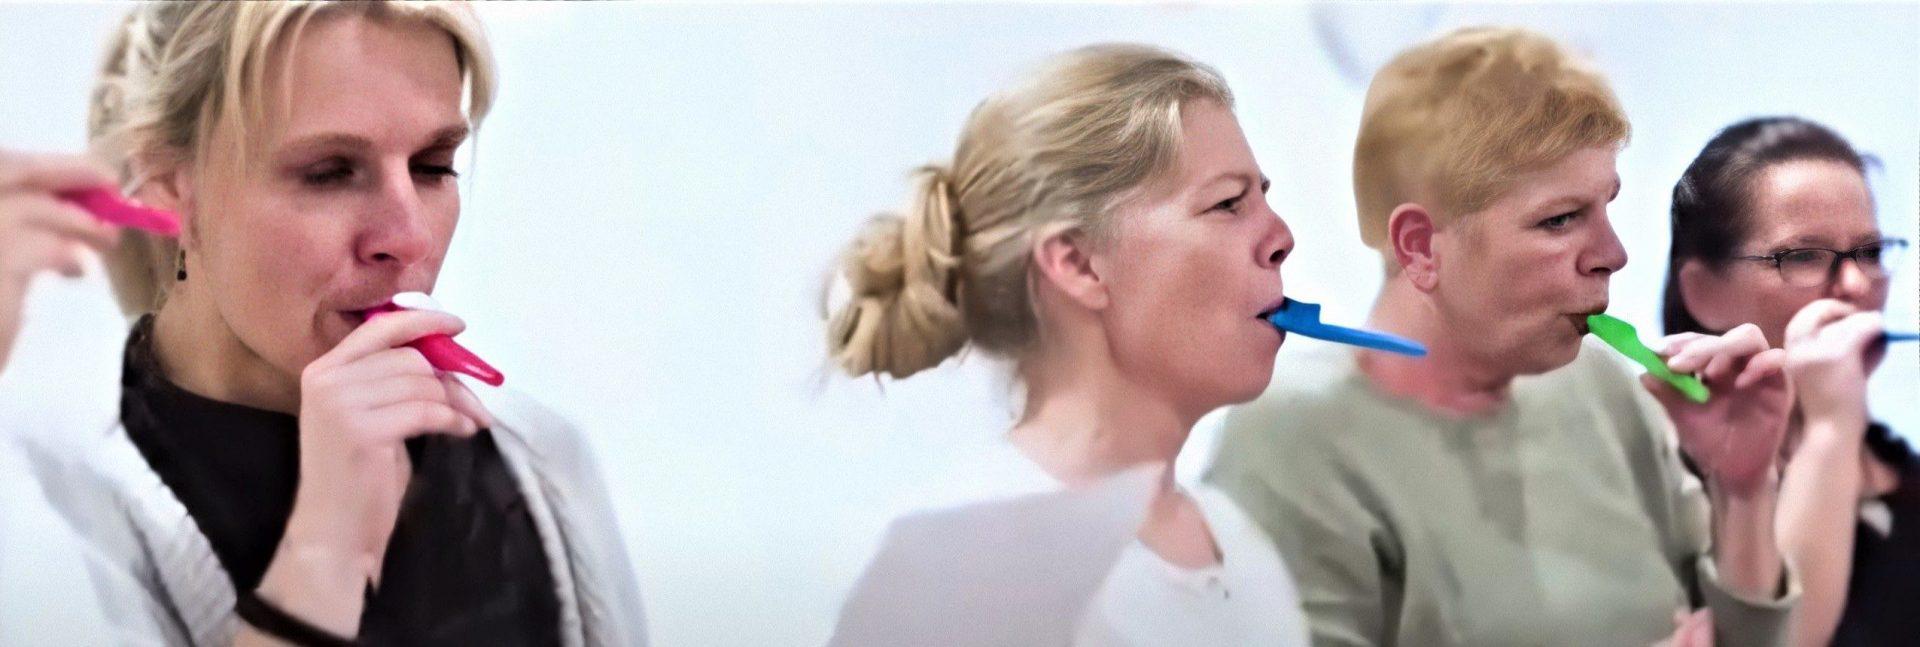 Man stemmetræner bl.a. med en såkaldt kazoo hos Susanne Ørum